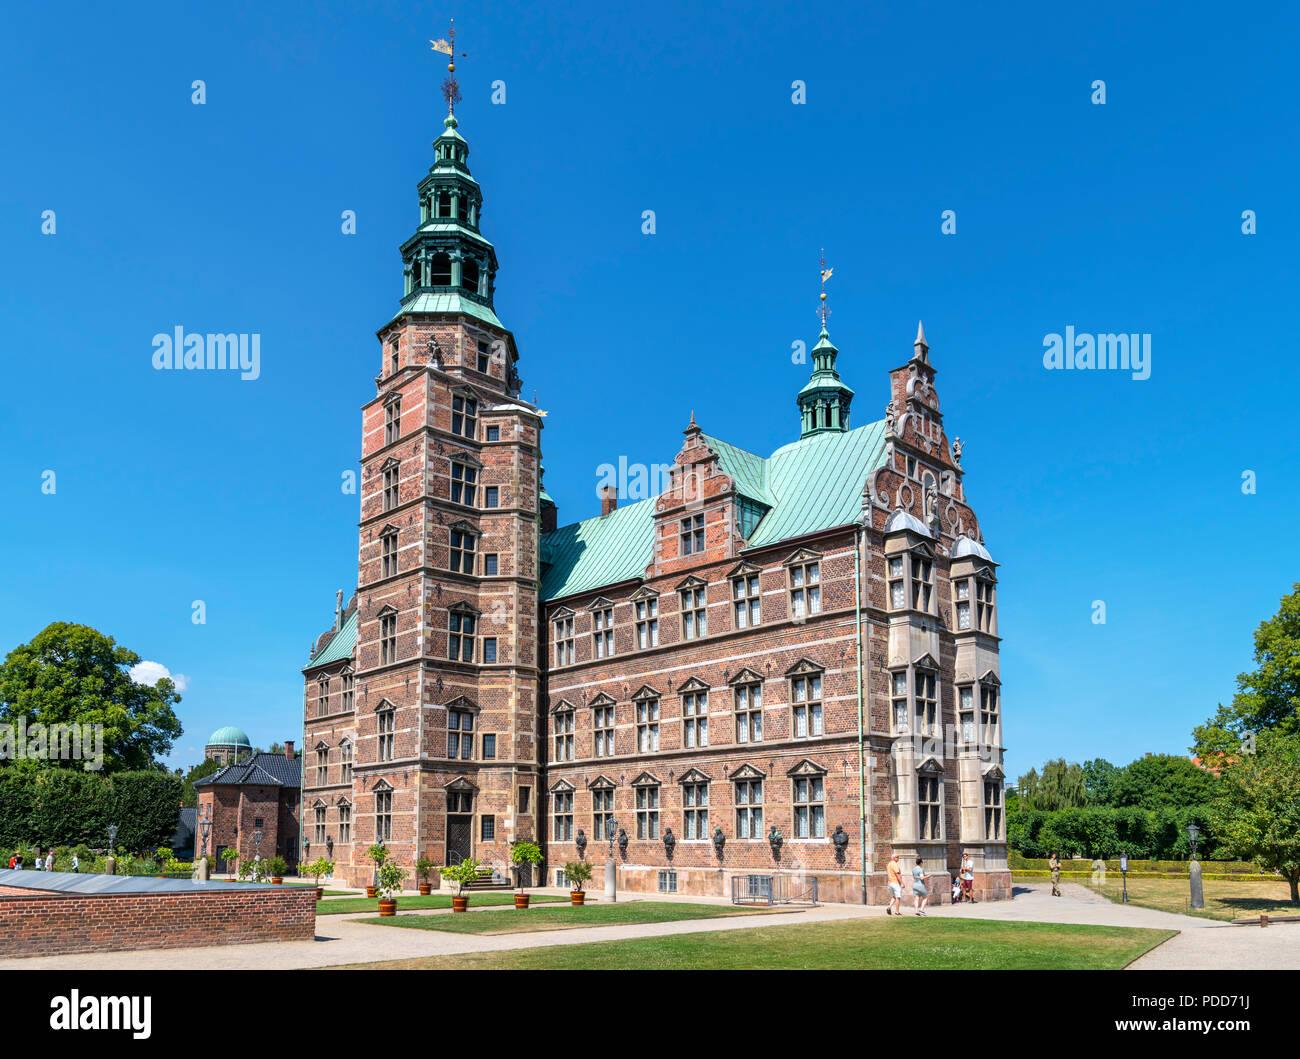 Rosenborg Castle (Rosenborg Slot), Copenhagen, Denmark - Stock Image